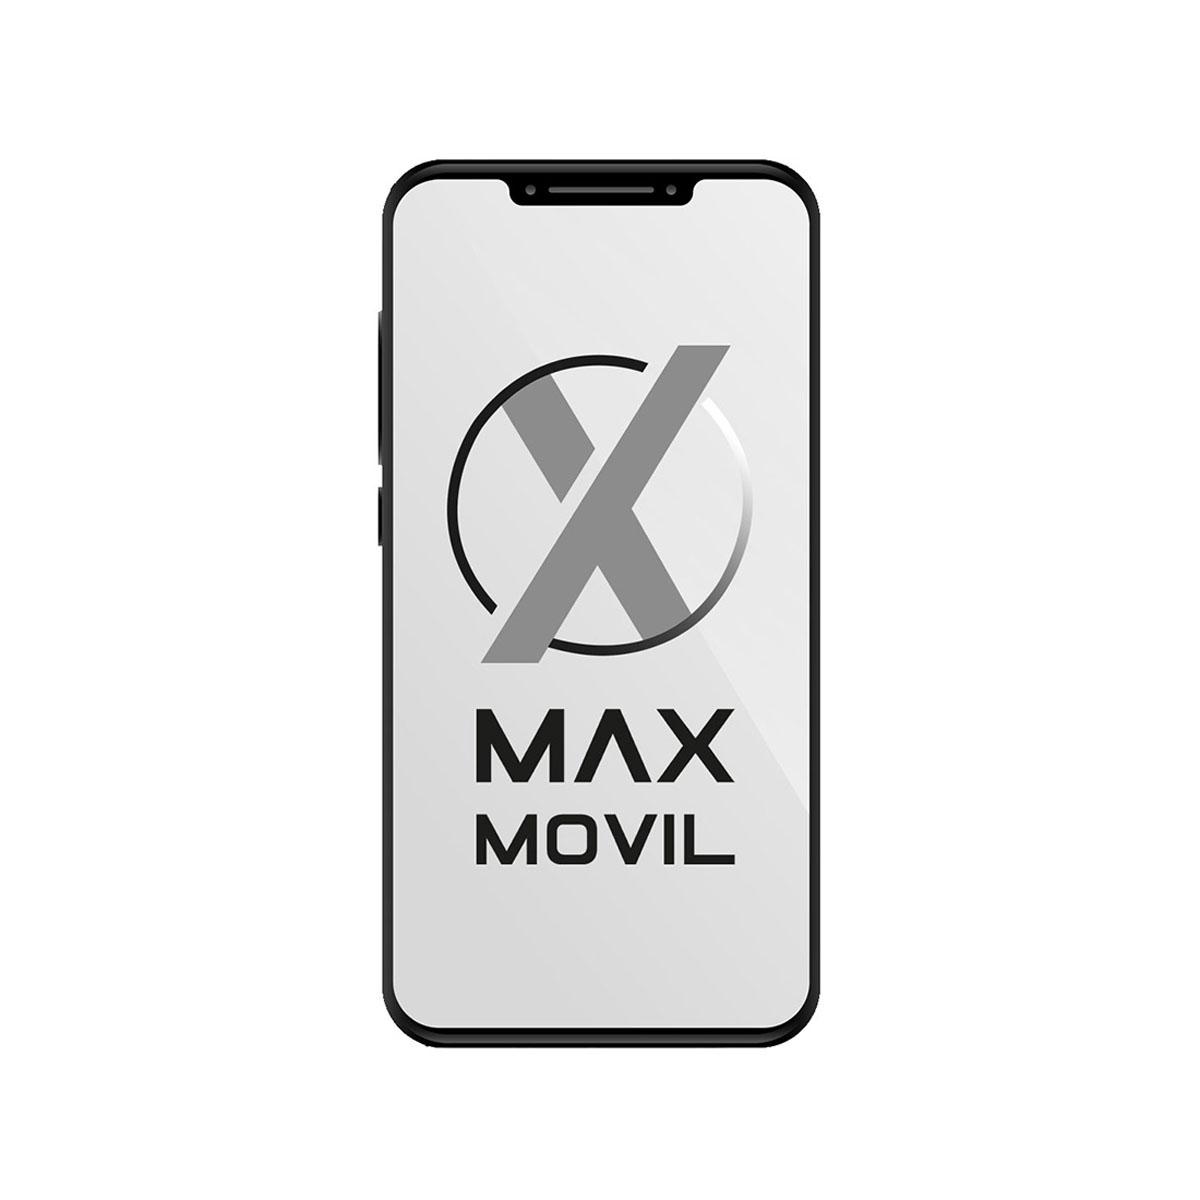 Motorola Moto G 5G 4GB/64GB Gris (Volcanic Gray) Dual SIM XT2113-3